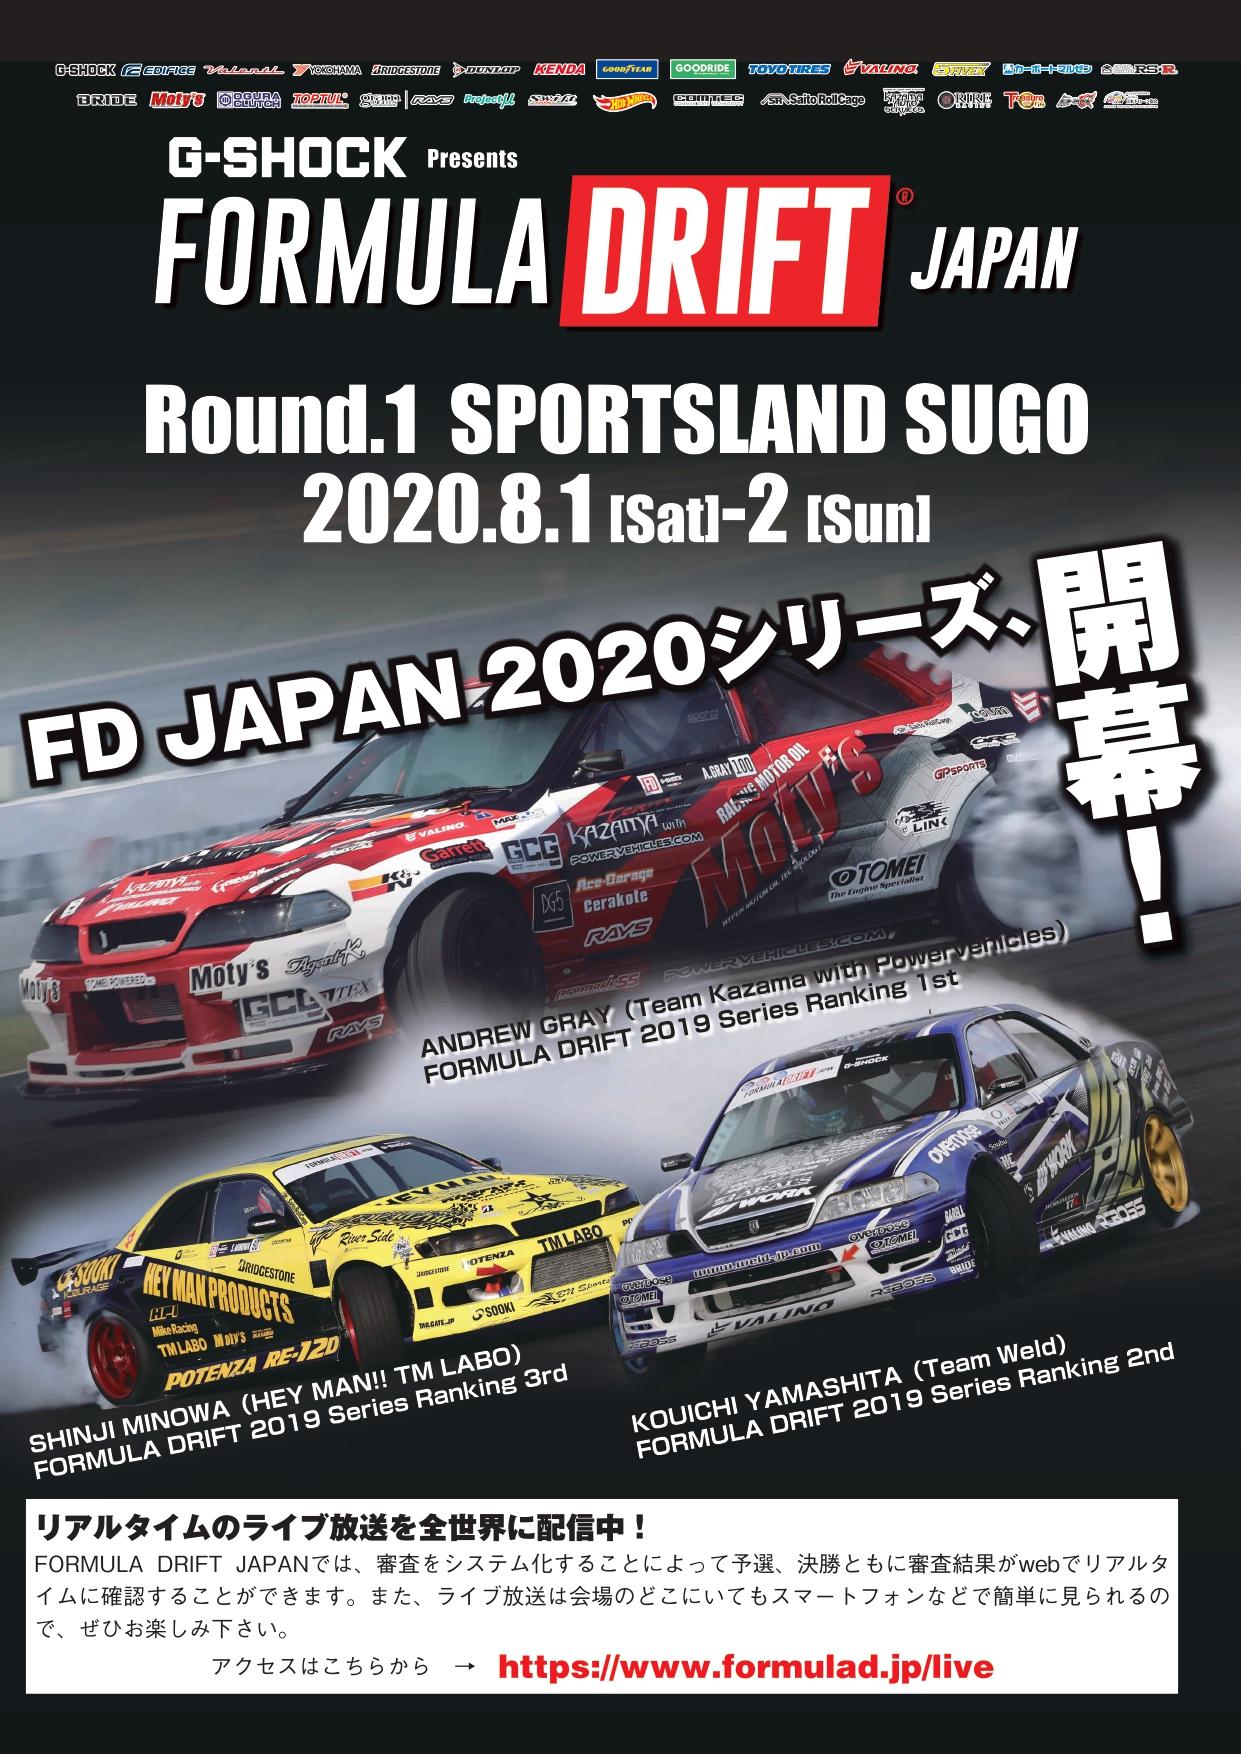 FORMULA DRIFT JAPAN – ROUND.1 SPORTSLAND SUGO (2020.8.1 / 2)